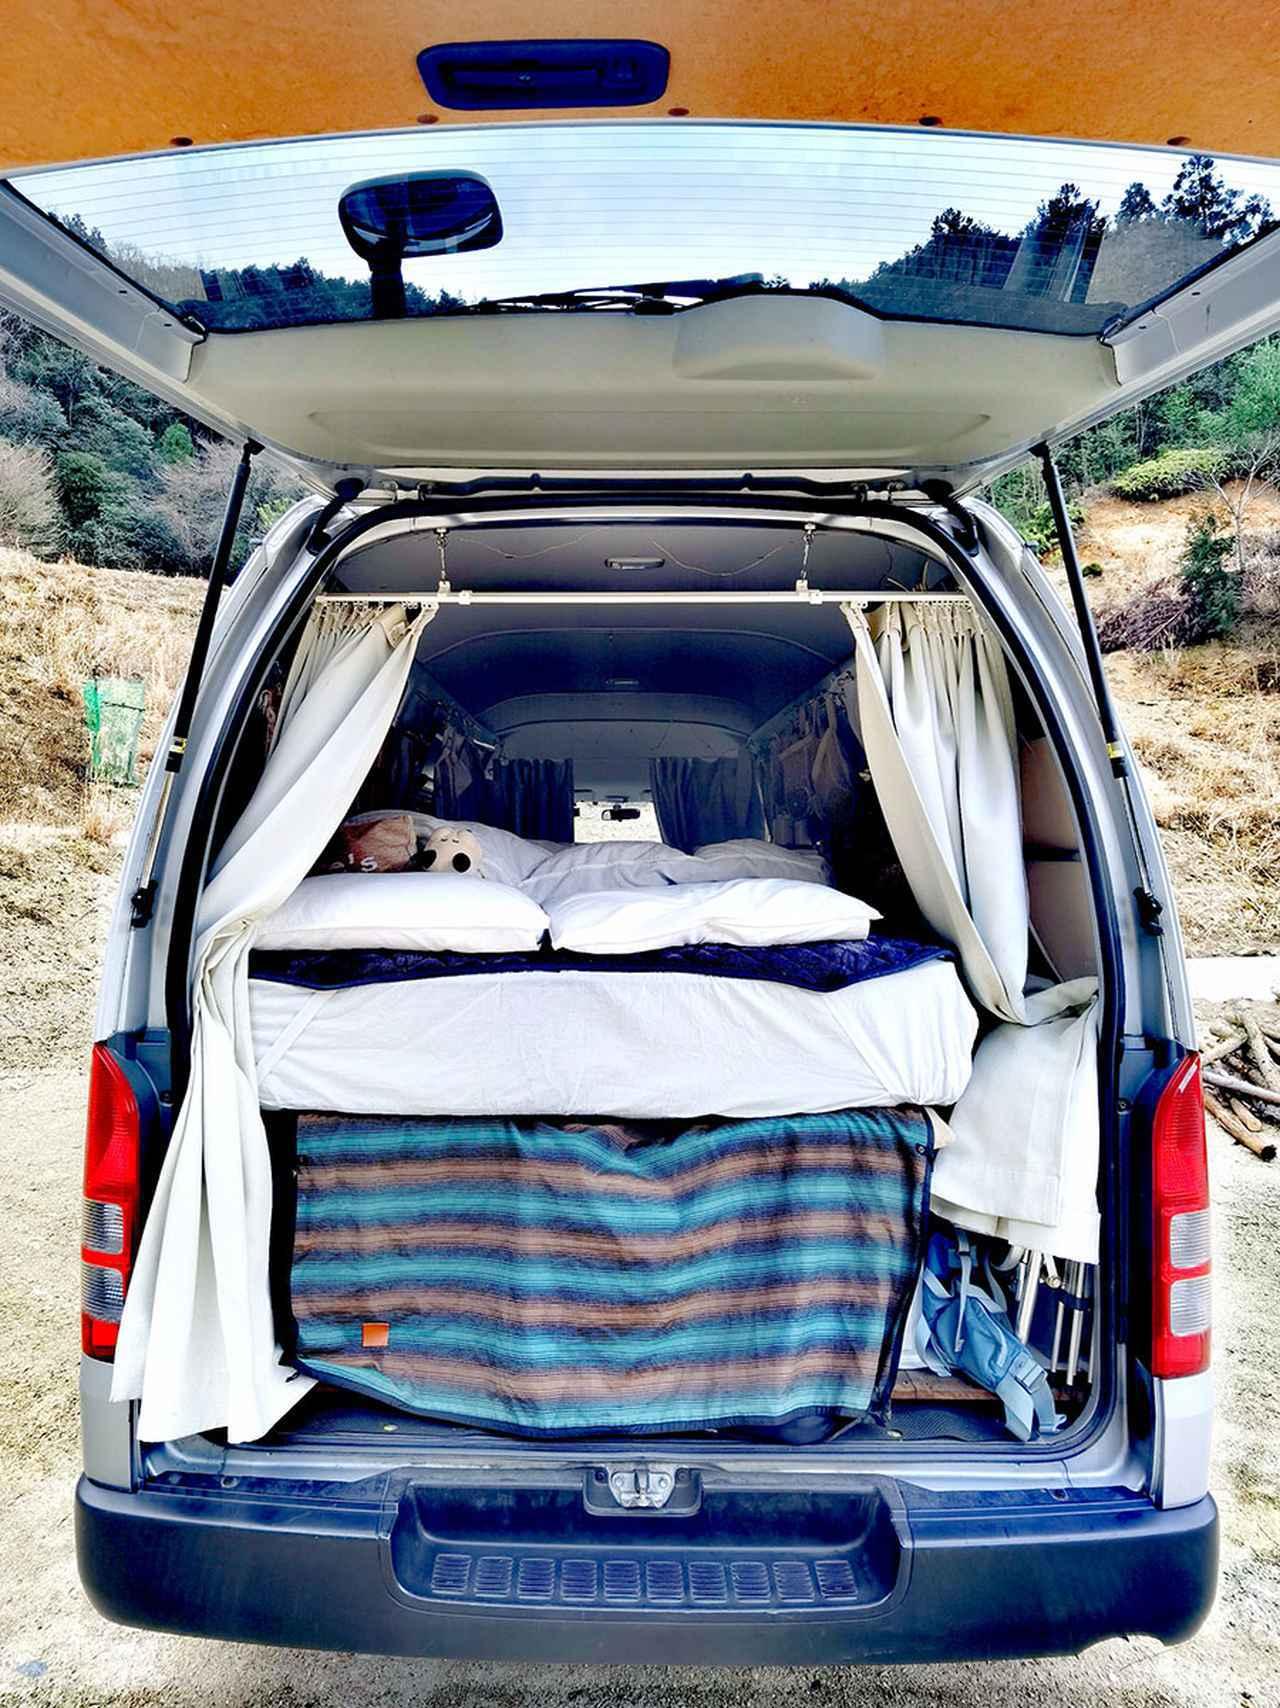 画像1: POINT まさに「快適な寝床」を実践する厚さ23㎝のダブルベッド